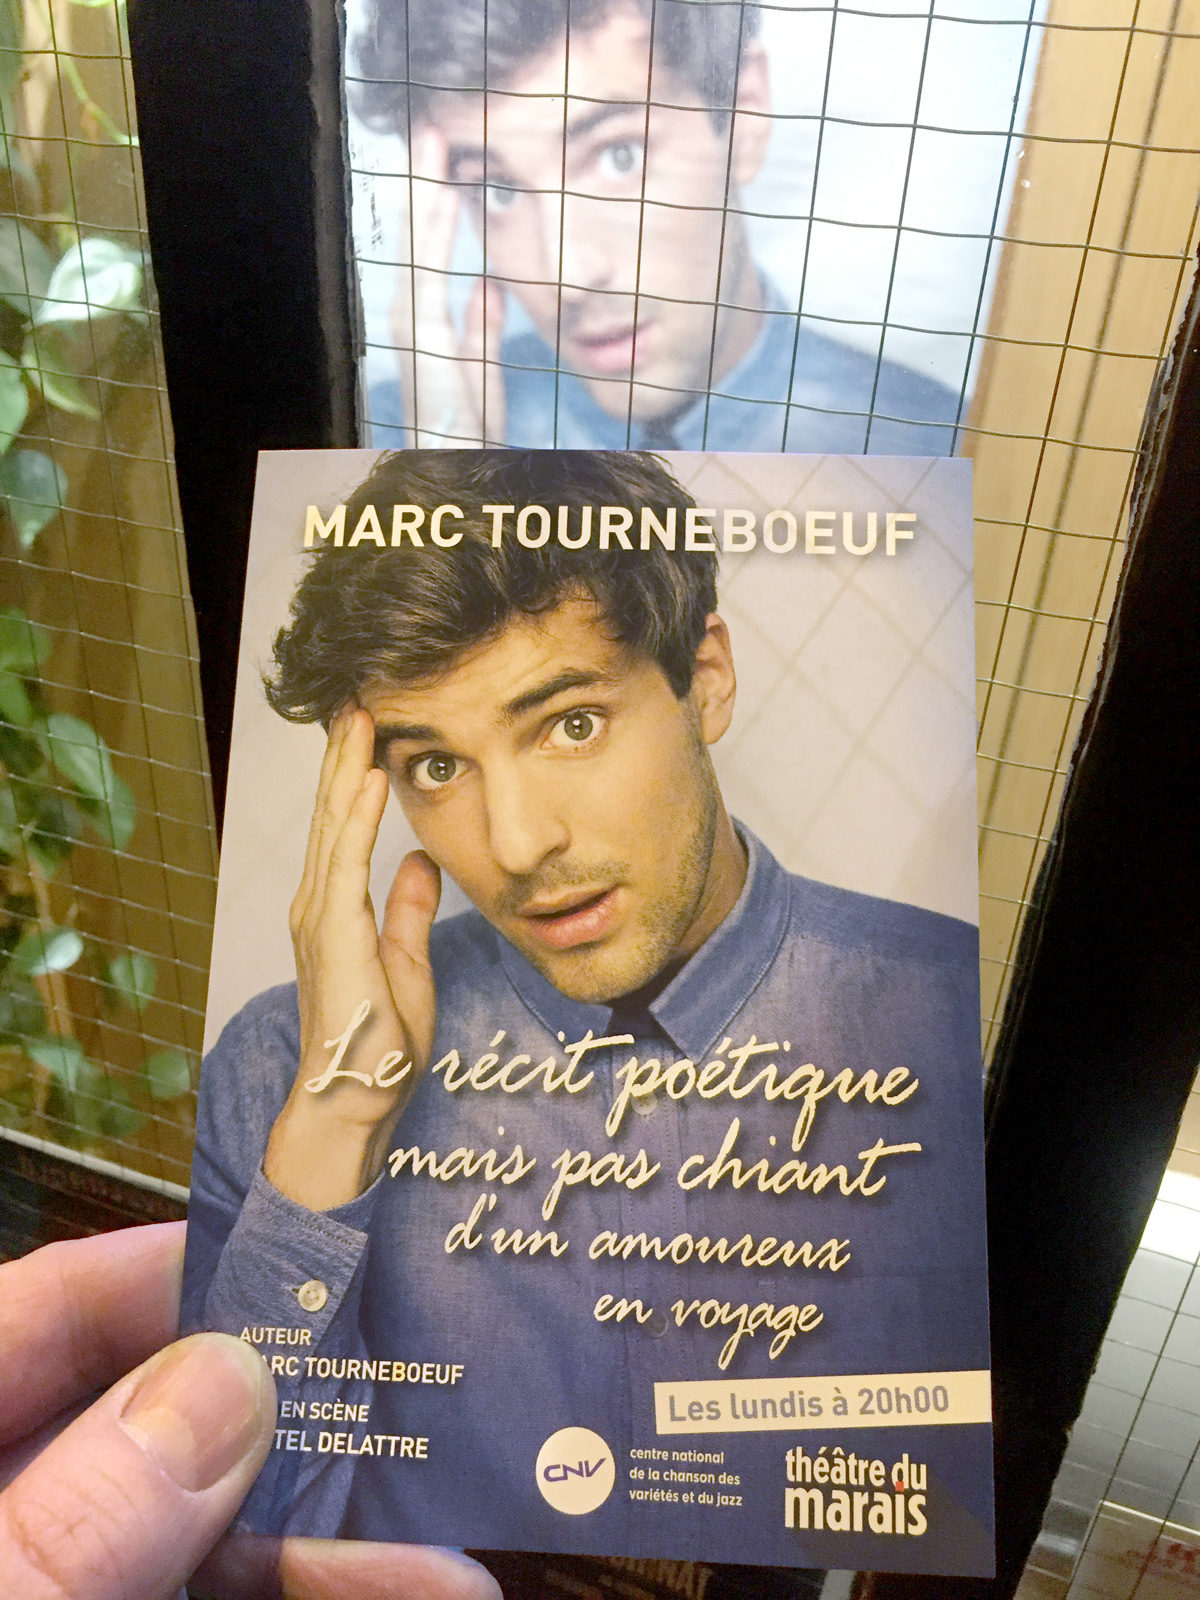 Marc Tourneboeuf